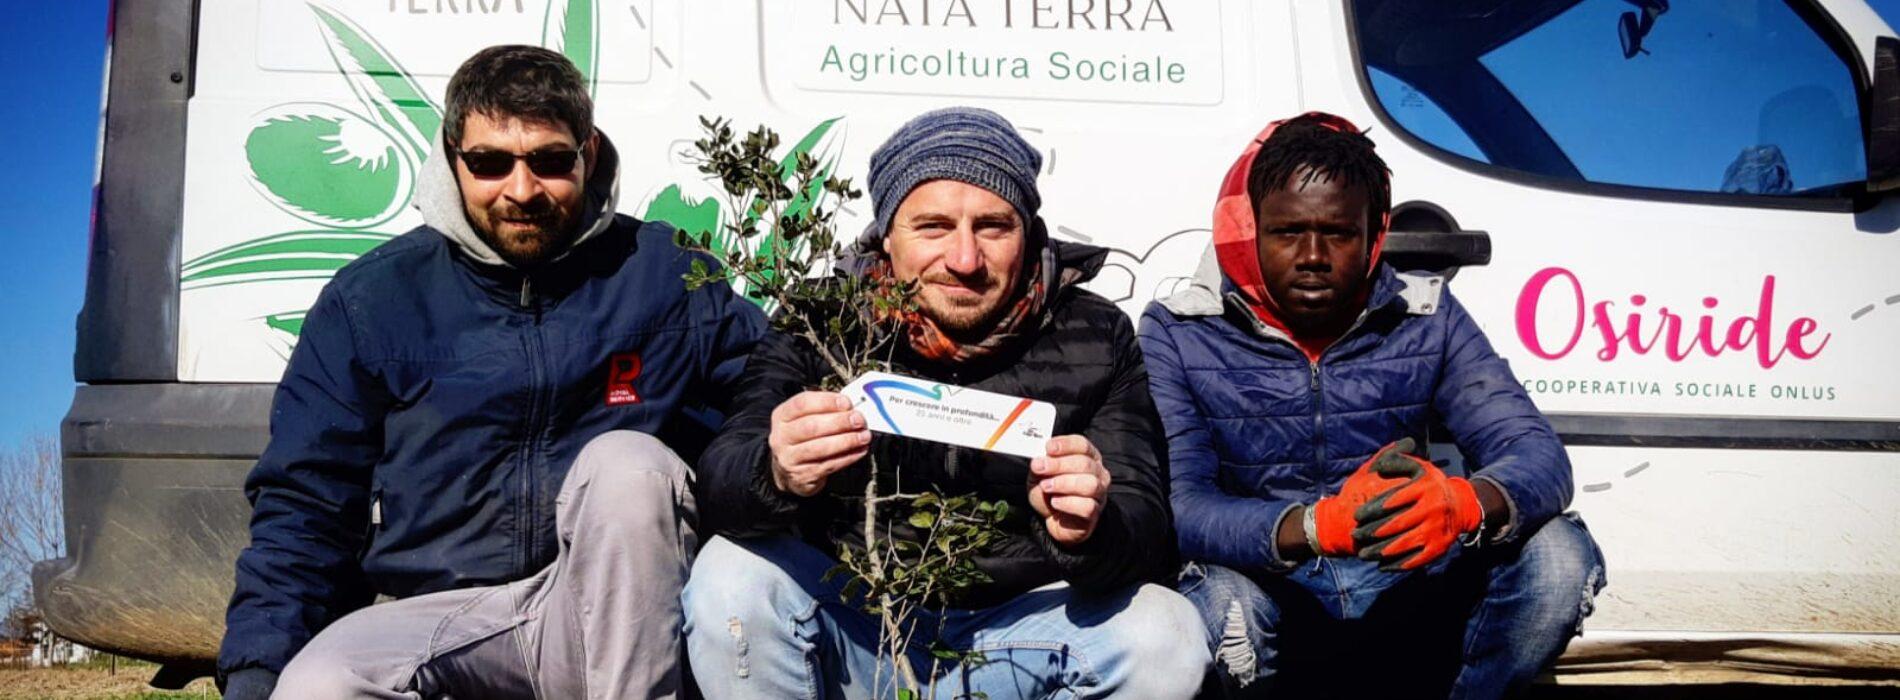 Nata Terra, prende forma a Cellole il progetto di agricoltura sociale